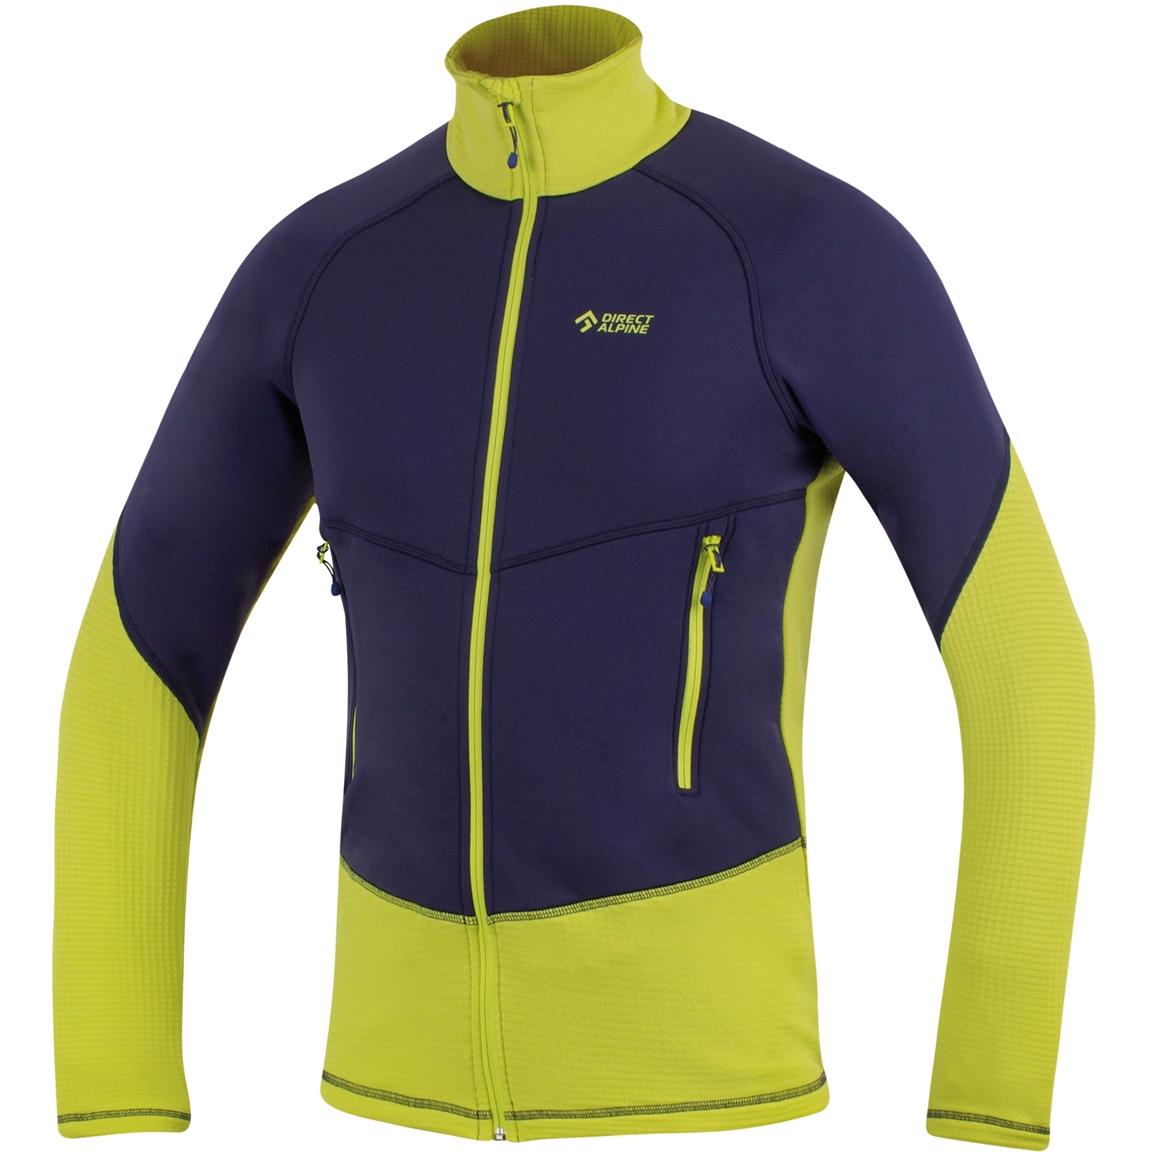 Directalpine Grid Jacket - aurora/indigo